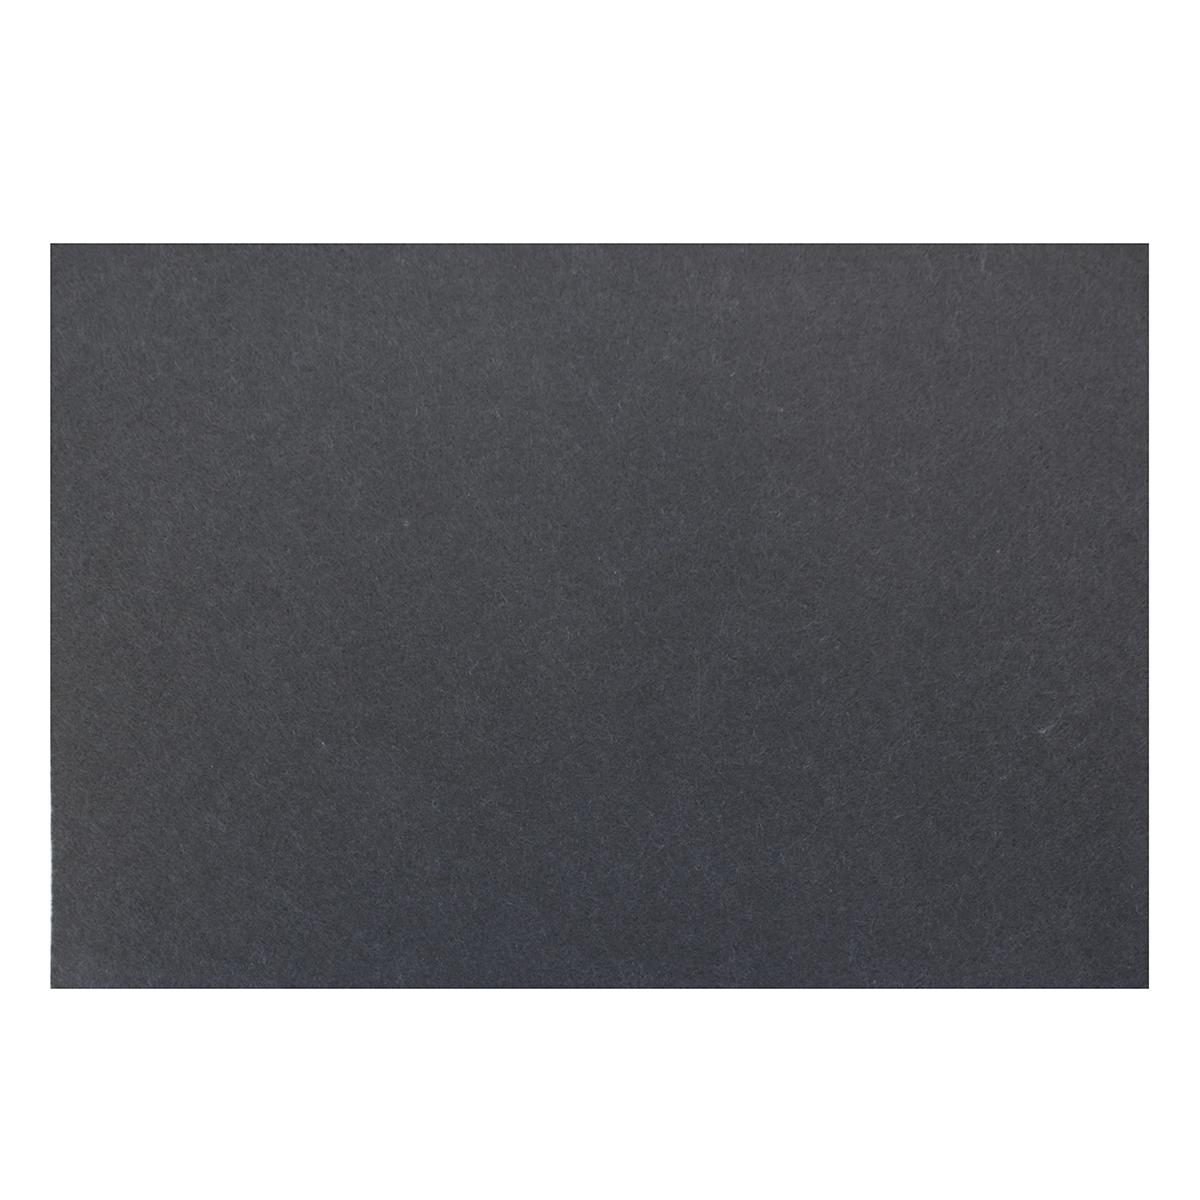 Фетр листовой Астра, цвет: серый, 20 х 30 см, 10 шт фетр листовой декоративный астра божьи коровки 20 х 30 см 3 шт